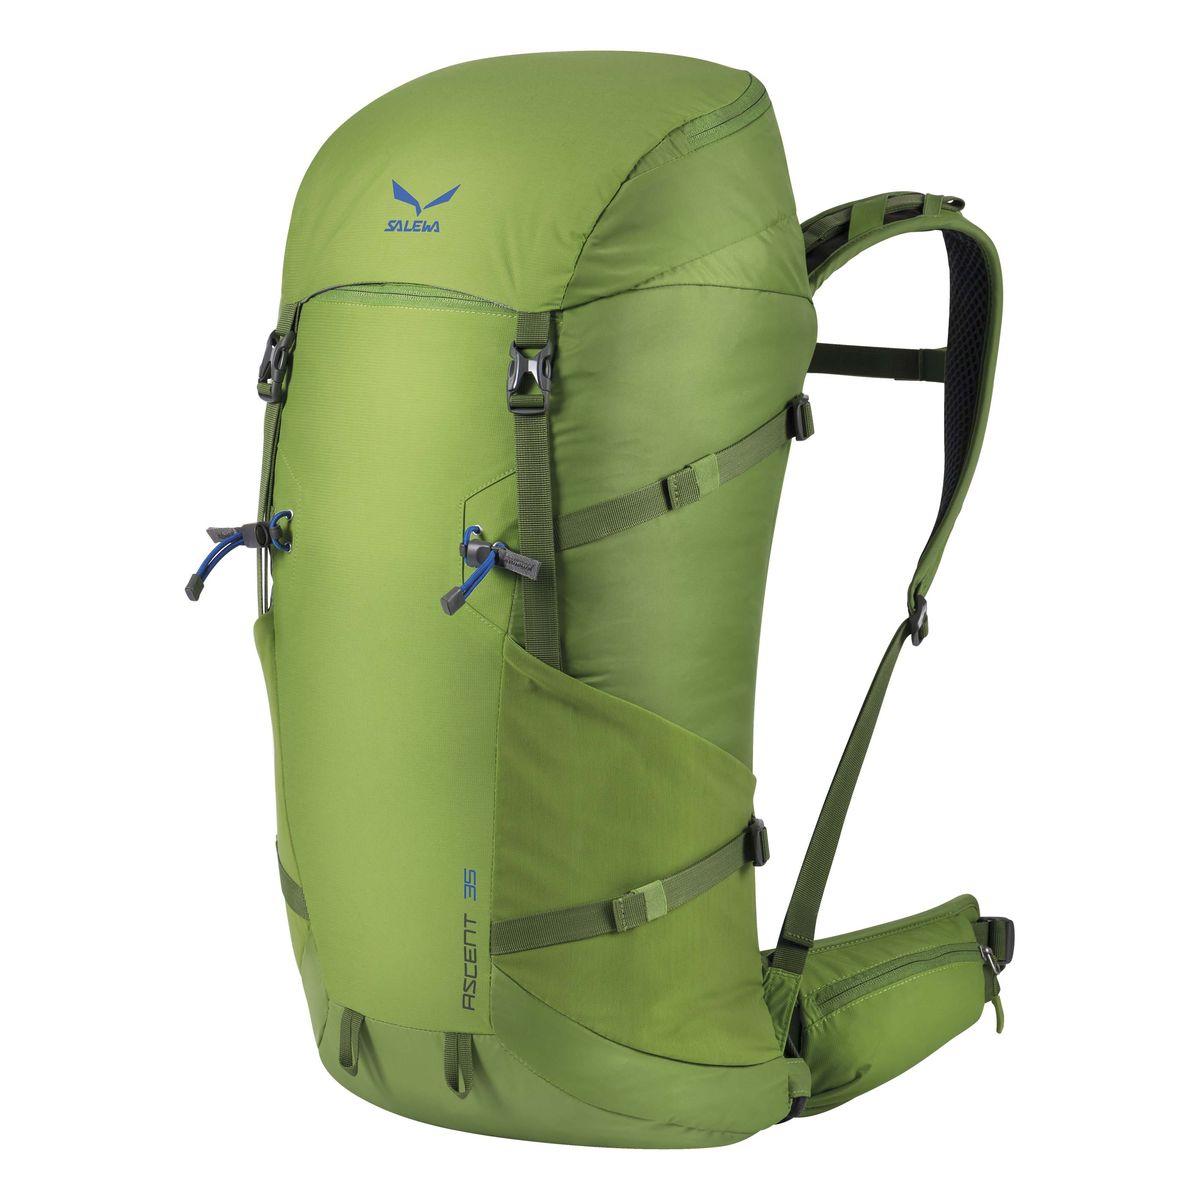 Рюкзак туристический Salewa Ascent 35, цвет: светло-зеленый, 35л1138_5450Новая современная модель рюкзака, который прекрасно подойдет как для однодневных так и для более длительных путешествий. Особенности: - петли для крепления ледоруба / лыжных палок - внутреннее отделение для хранения ценных вещей - боковые карманы - карман в набедренном поясе - петли для навески дополнительного снаряжения на набедренном поясе - подвесная система motionfit